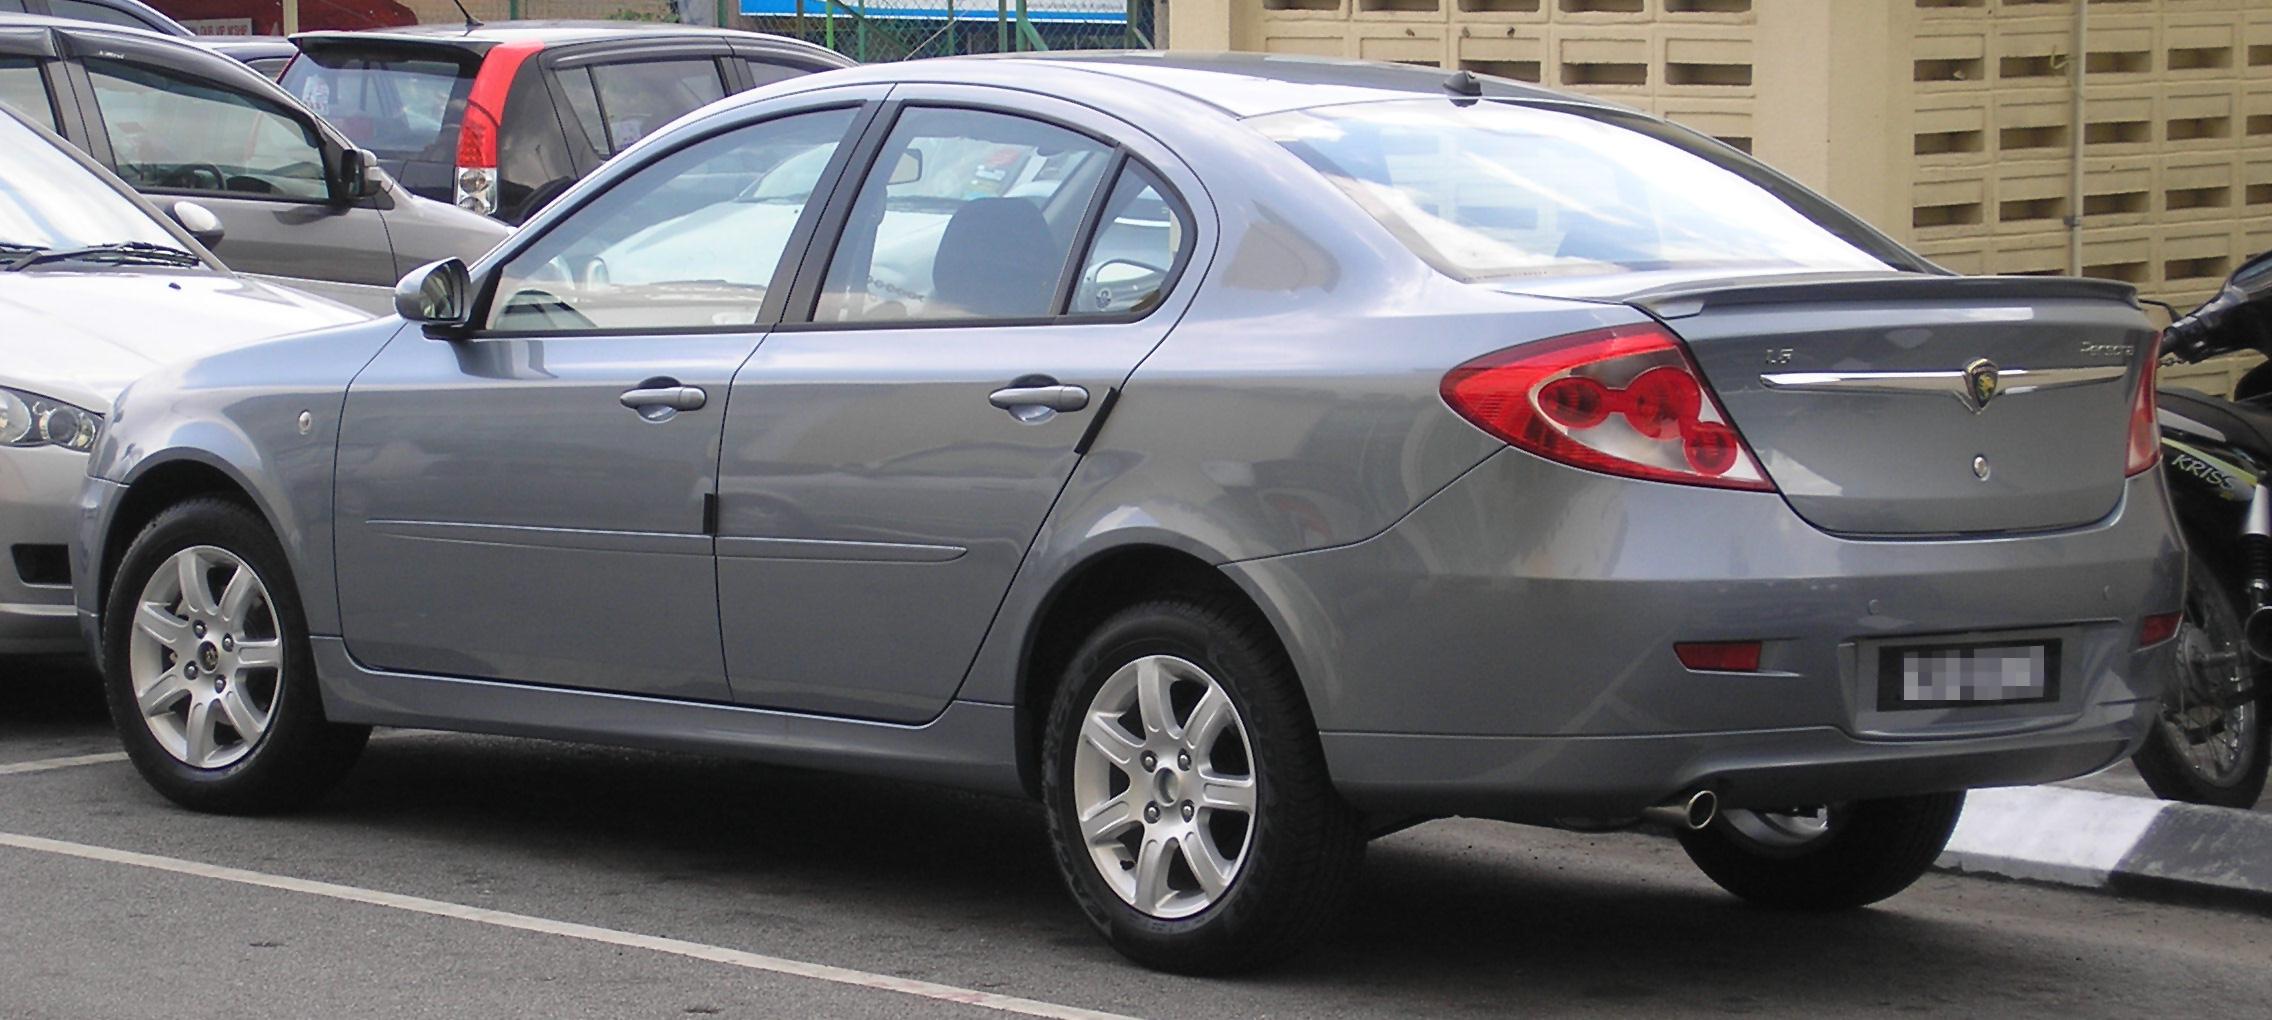 Proton Persona I 1993 - 2007 Hatchback 3 door #3